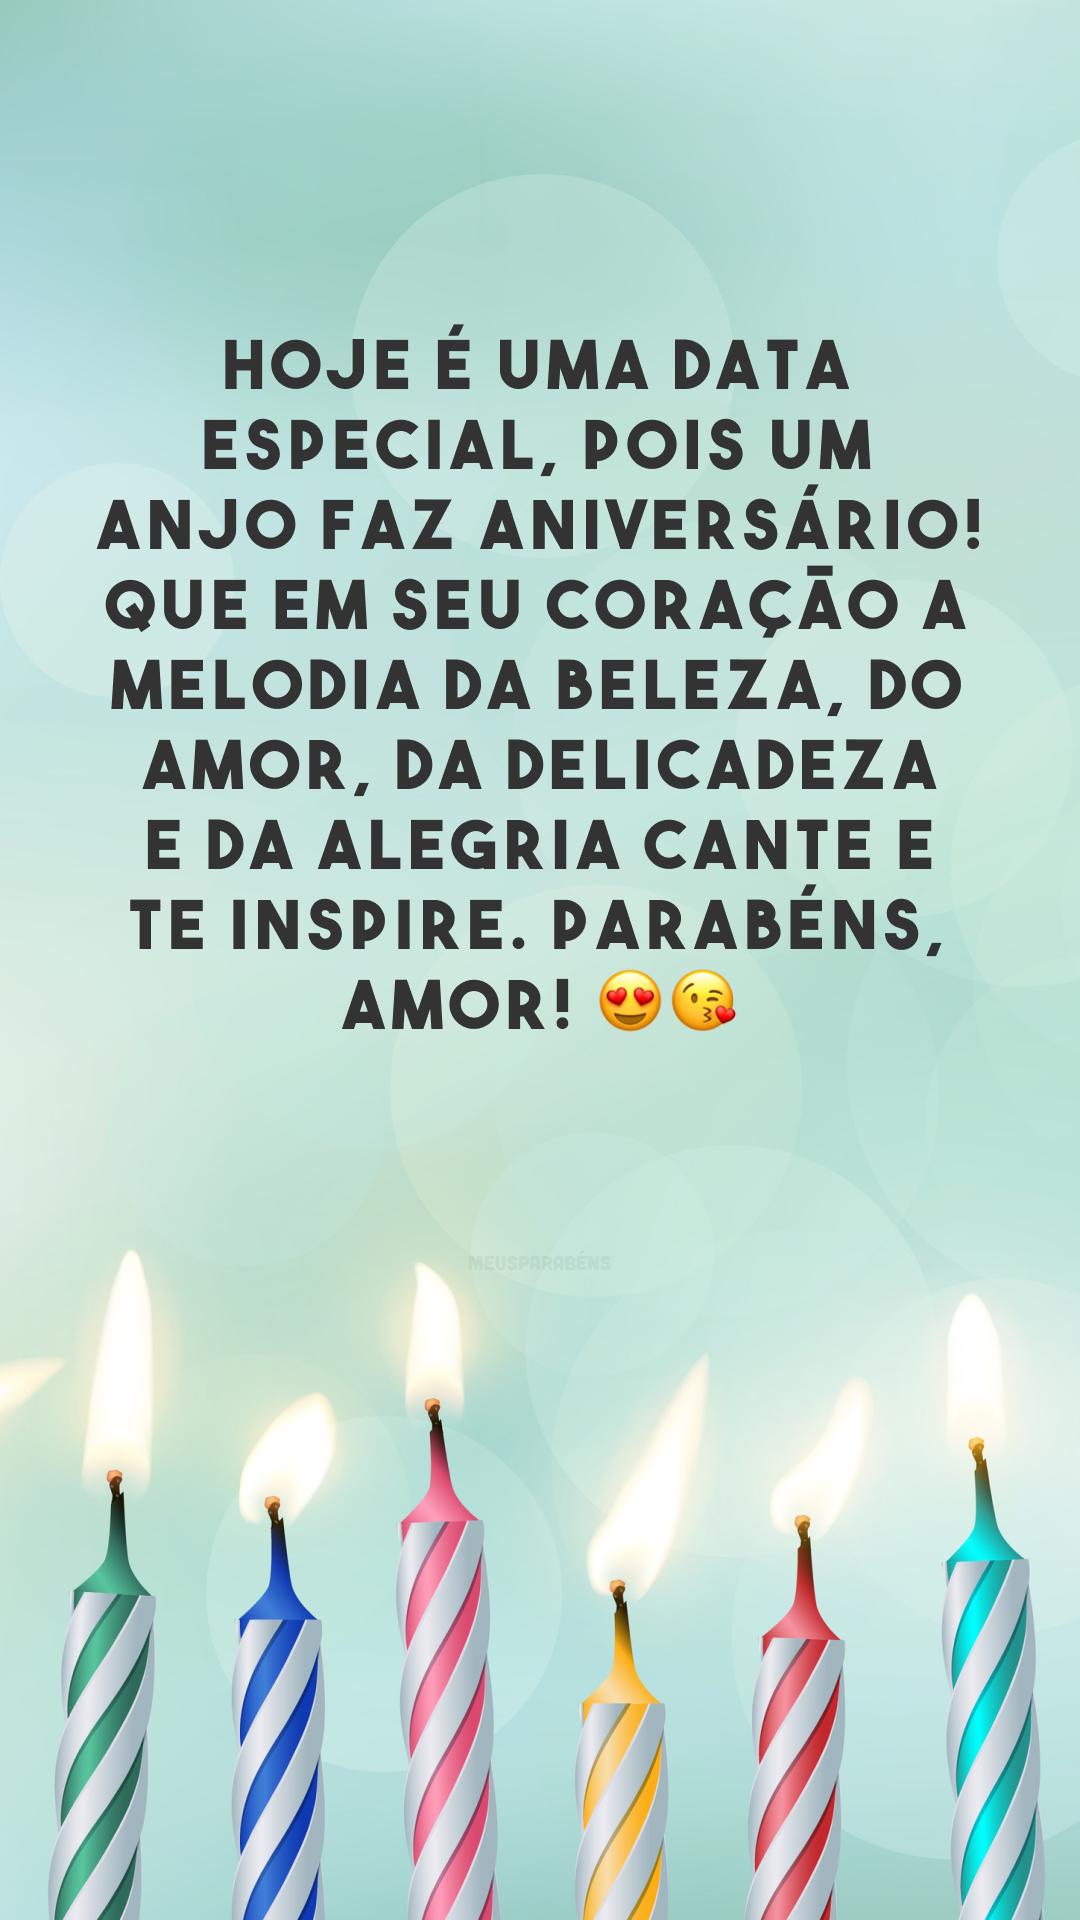 Hoje é uma data especial, pois um anjo faz aniversário! Que em seu coração a melodia da beleza, do amor, da delicadeza e da alegria cante e te inspire. Parabéns, amor! 😍😘